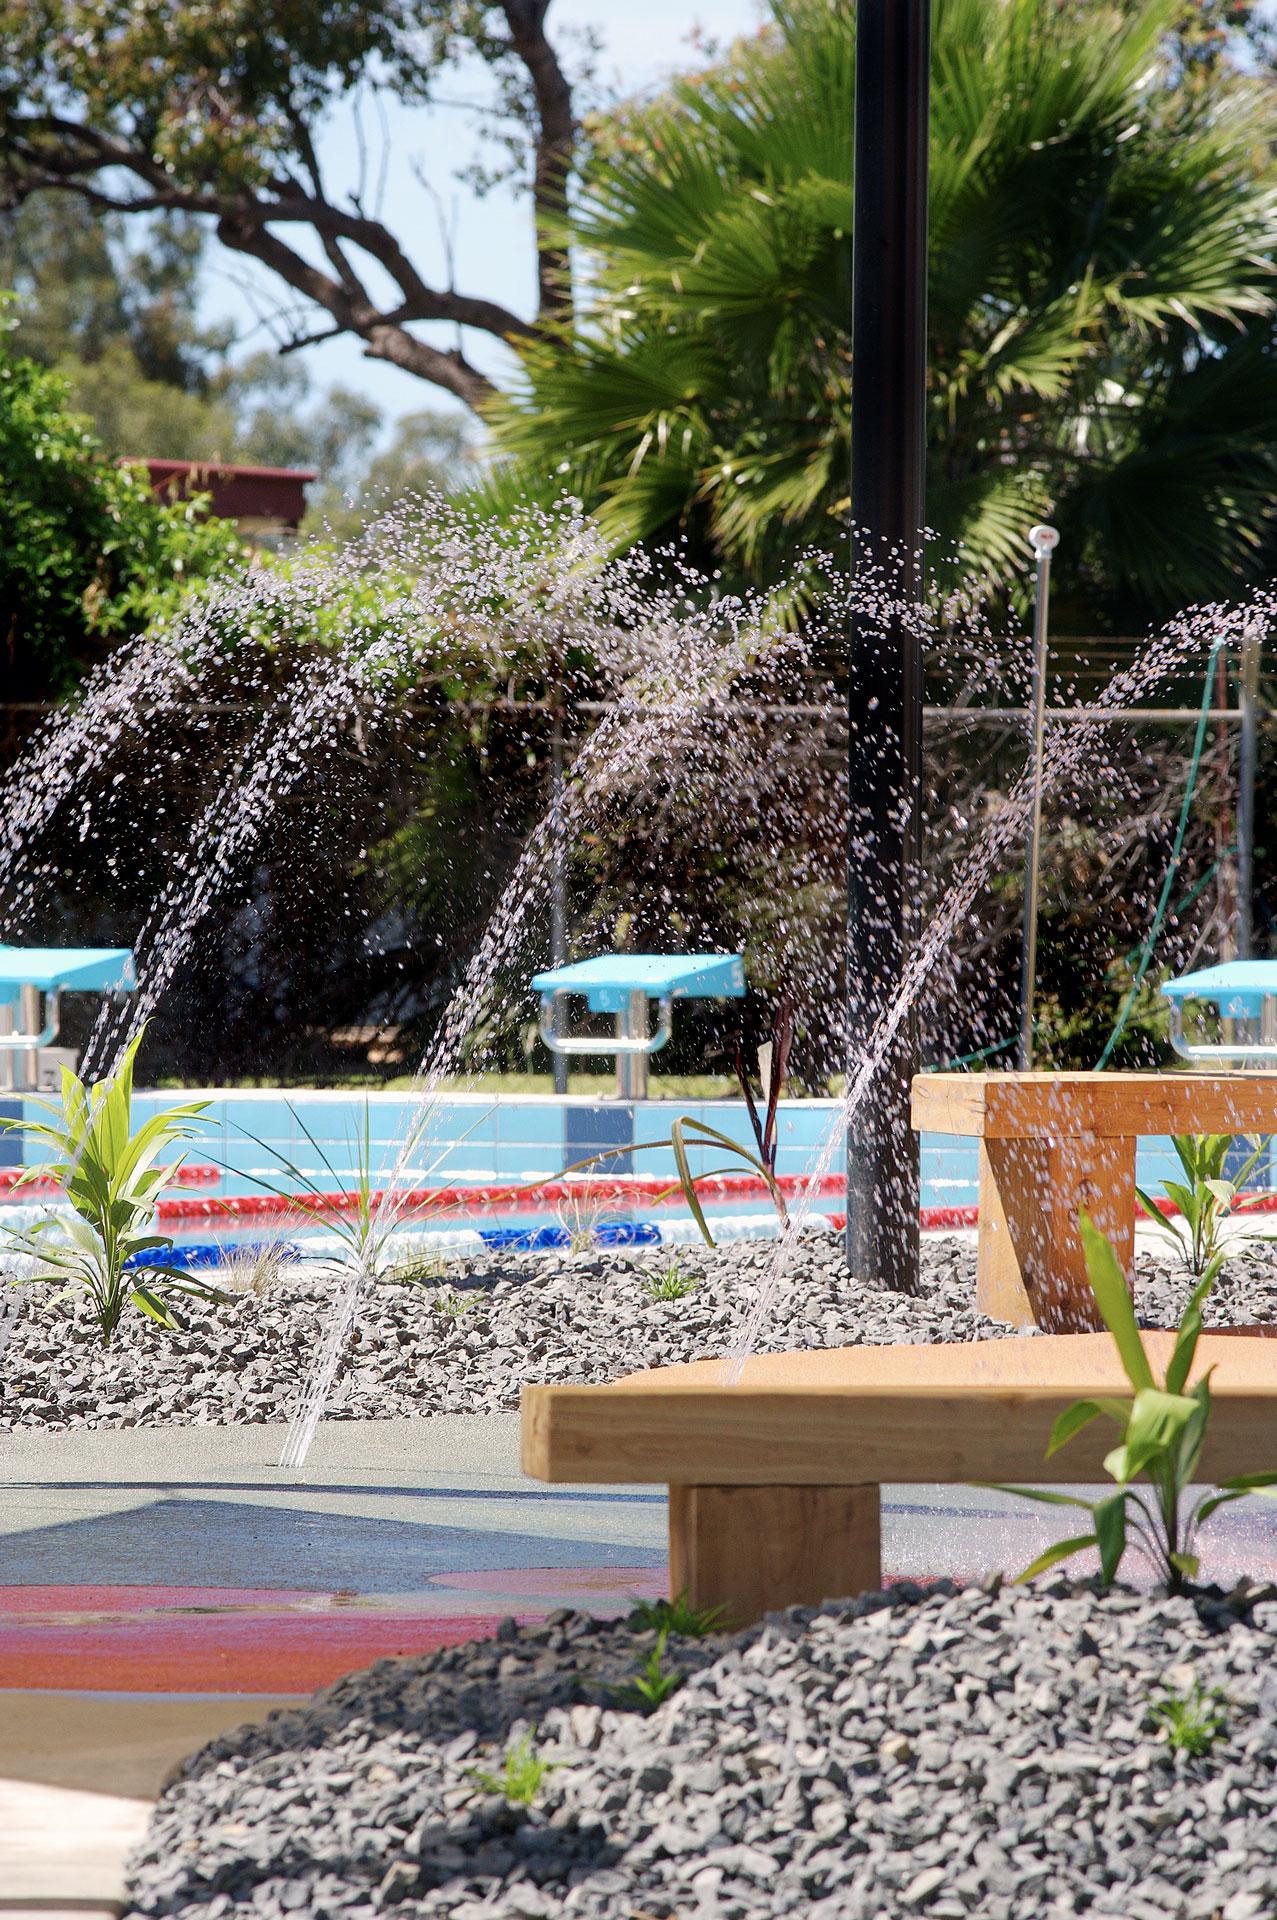 Mitchell Aquatic Centre